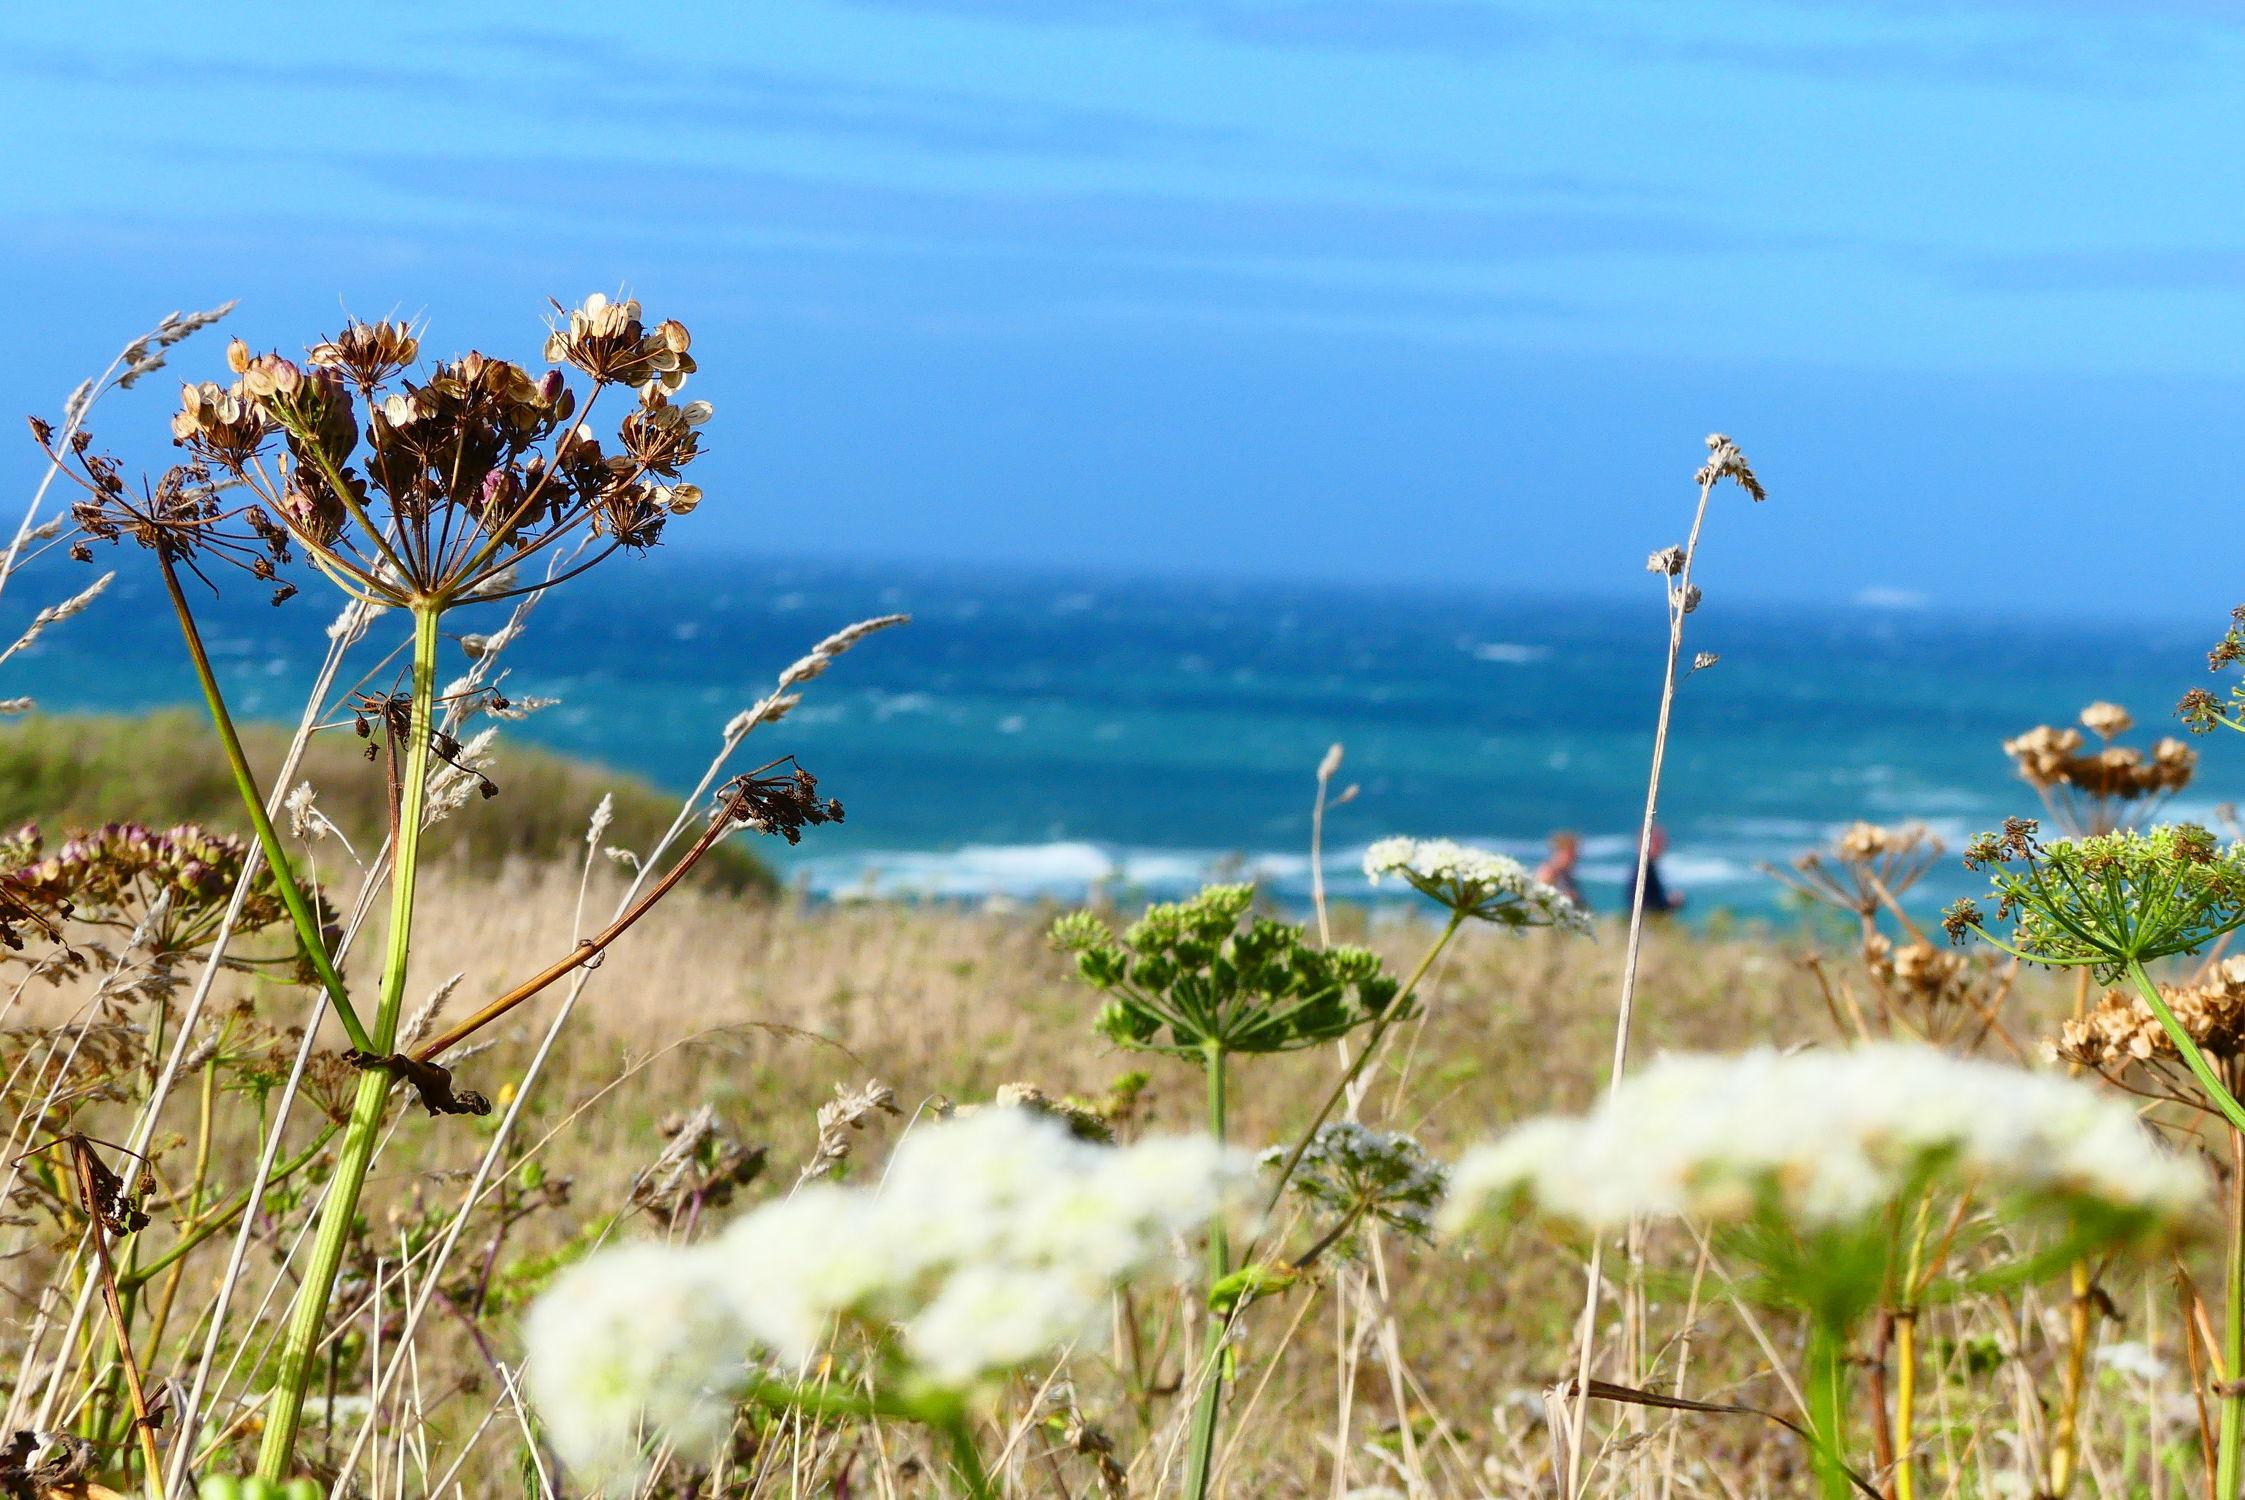 Bild mit Pflanzen, Gräser, Meer, Blauer Himmel, Küste